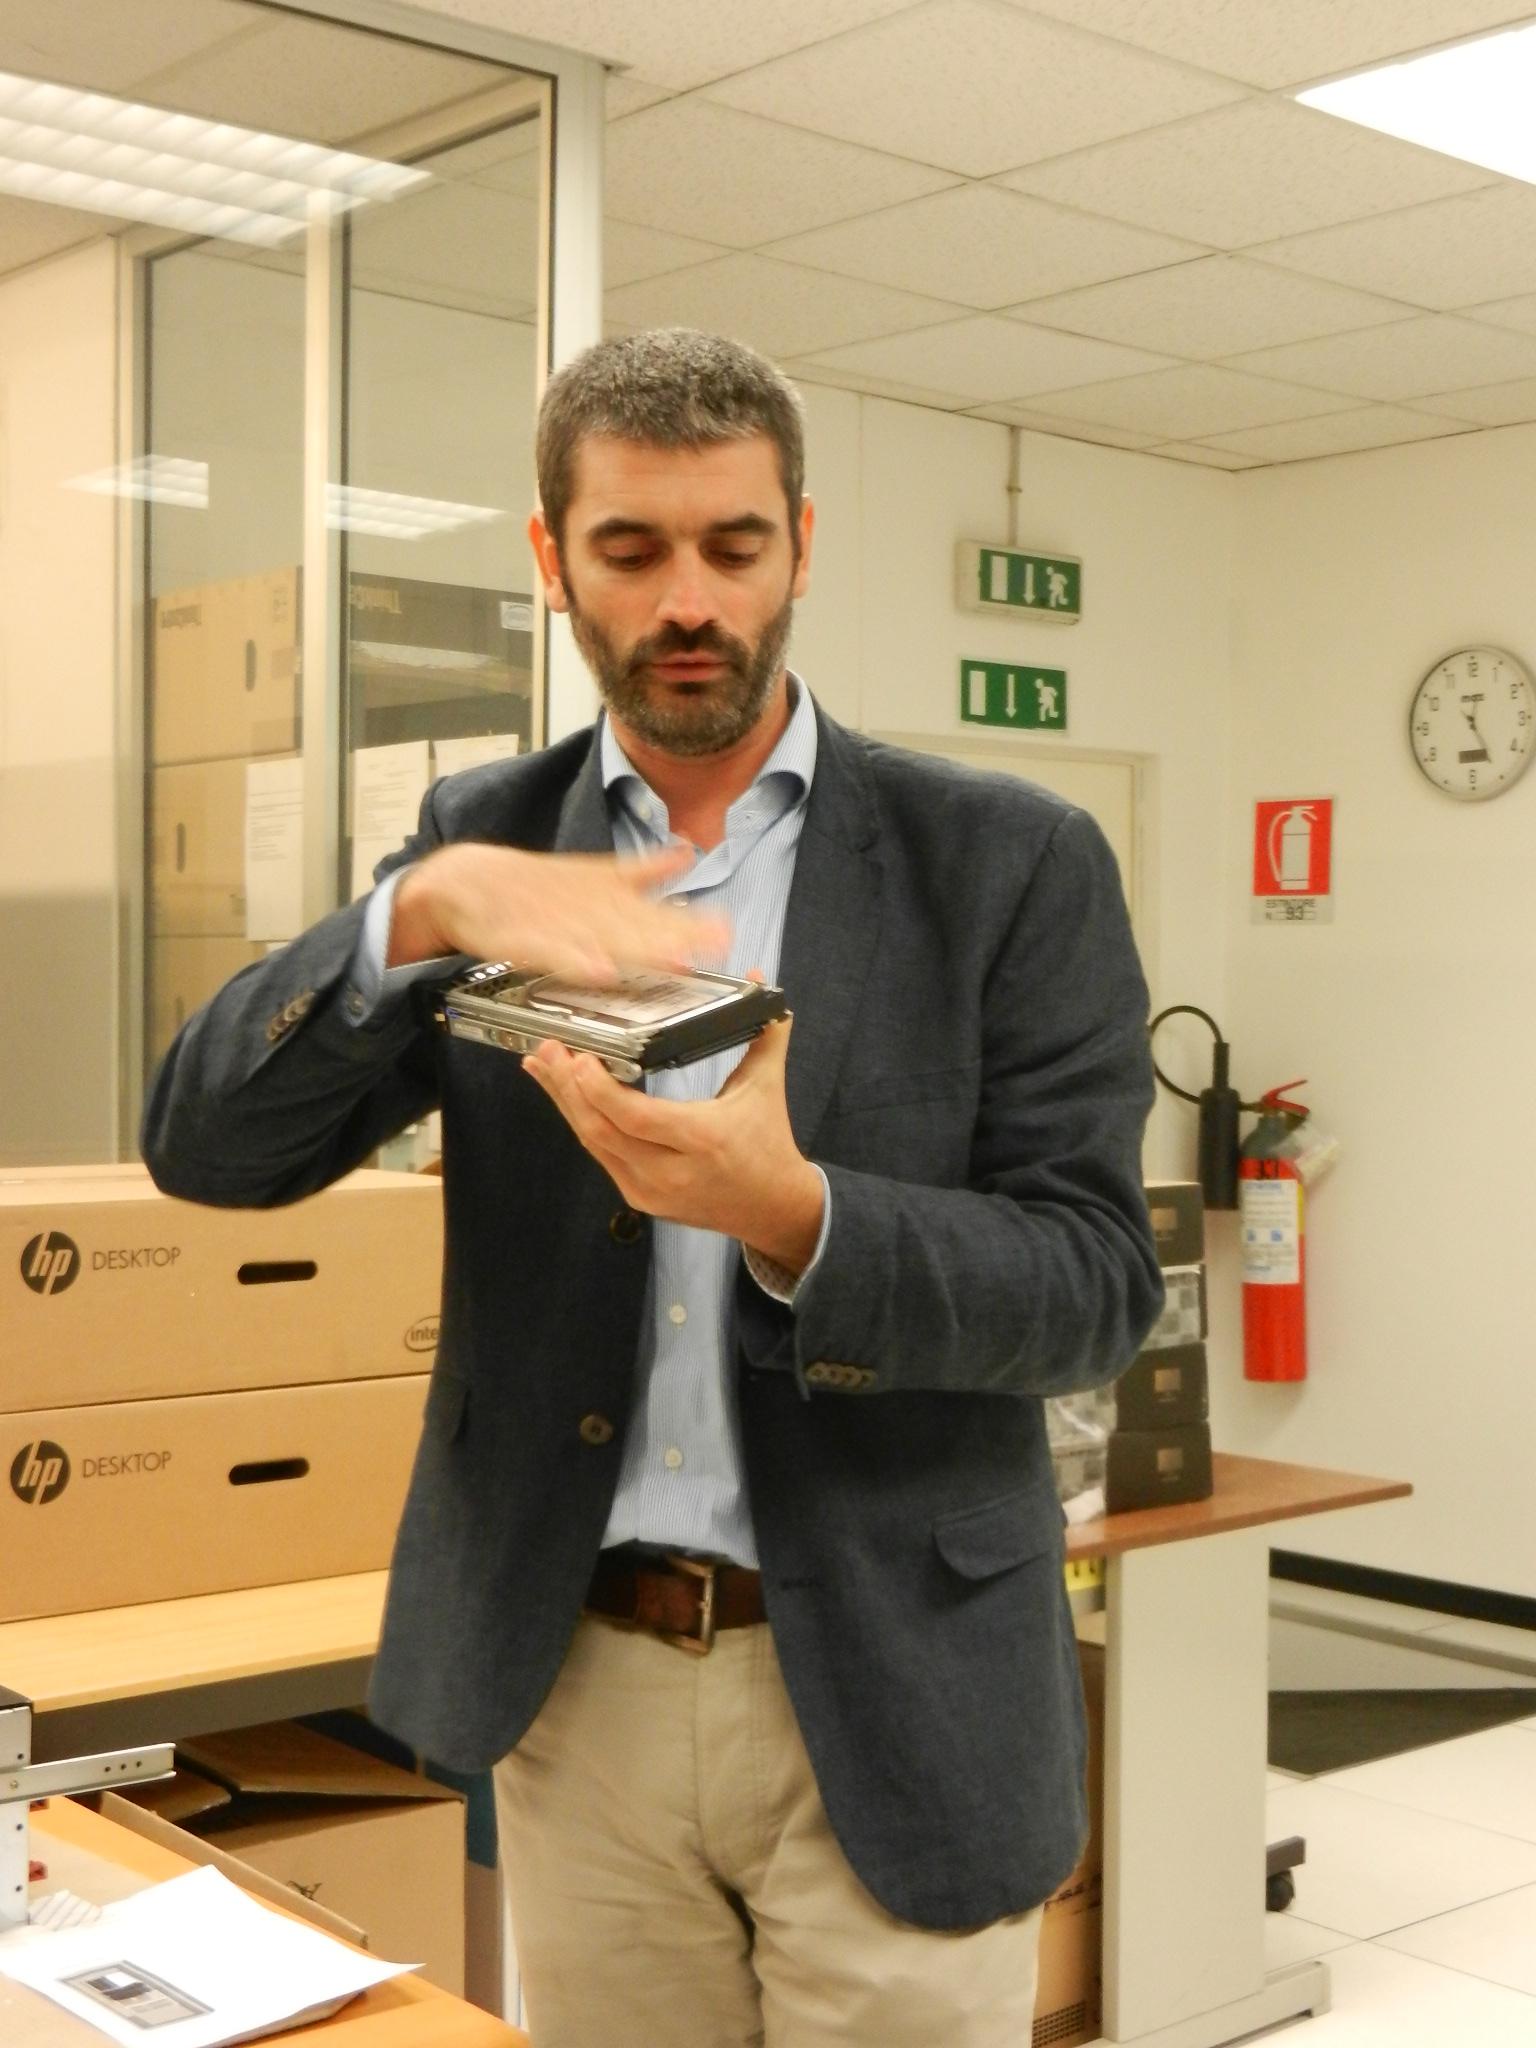 Lavoro Da Casa Schede Elettroniche - Lavoro Assemblaggio Schede Elettroniche - JobisJob Italia